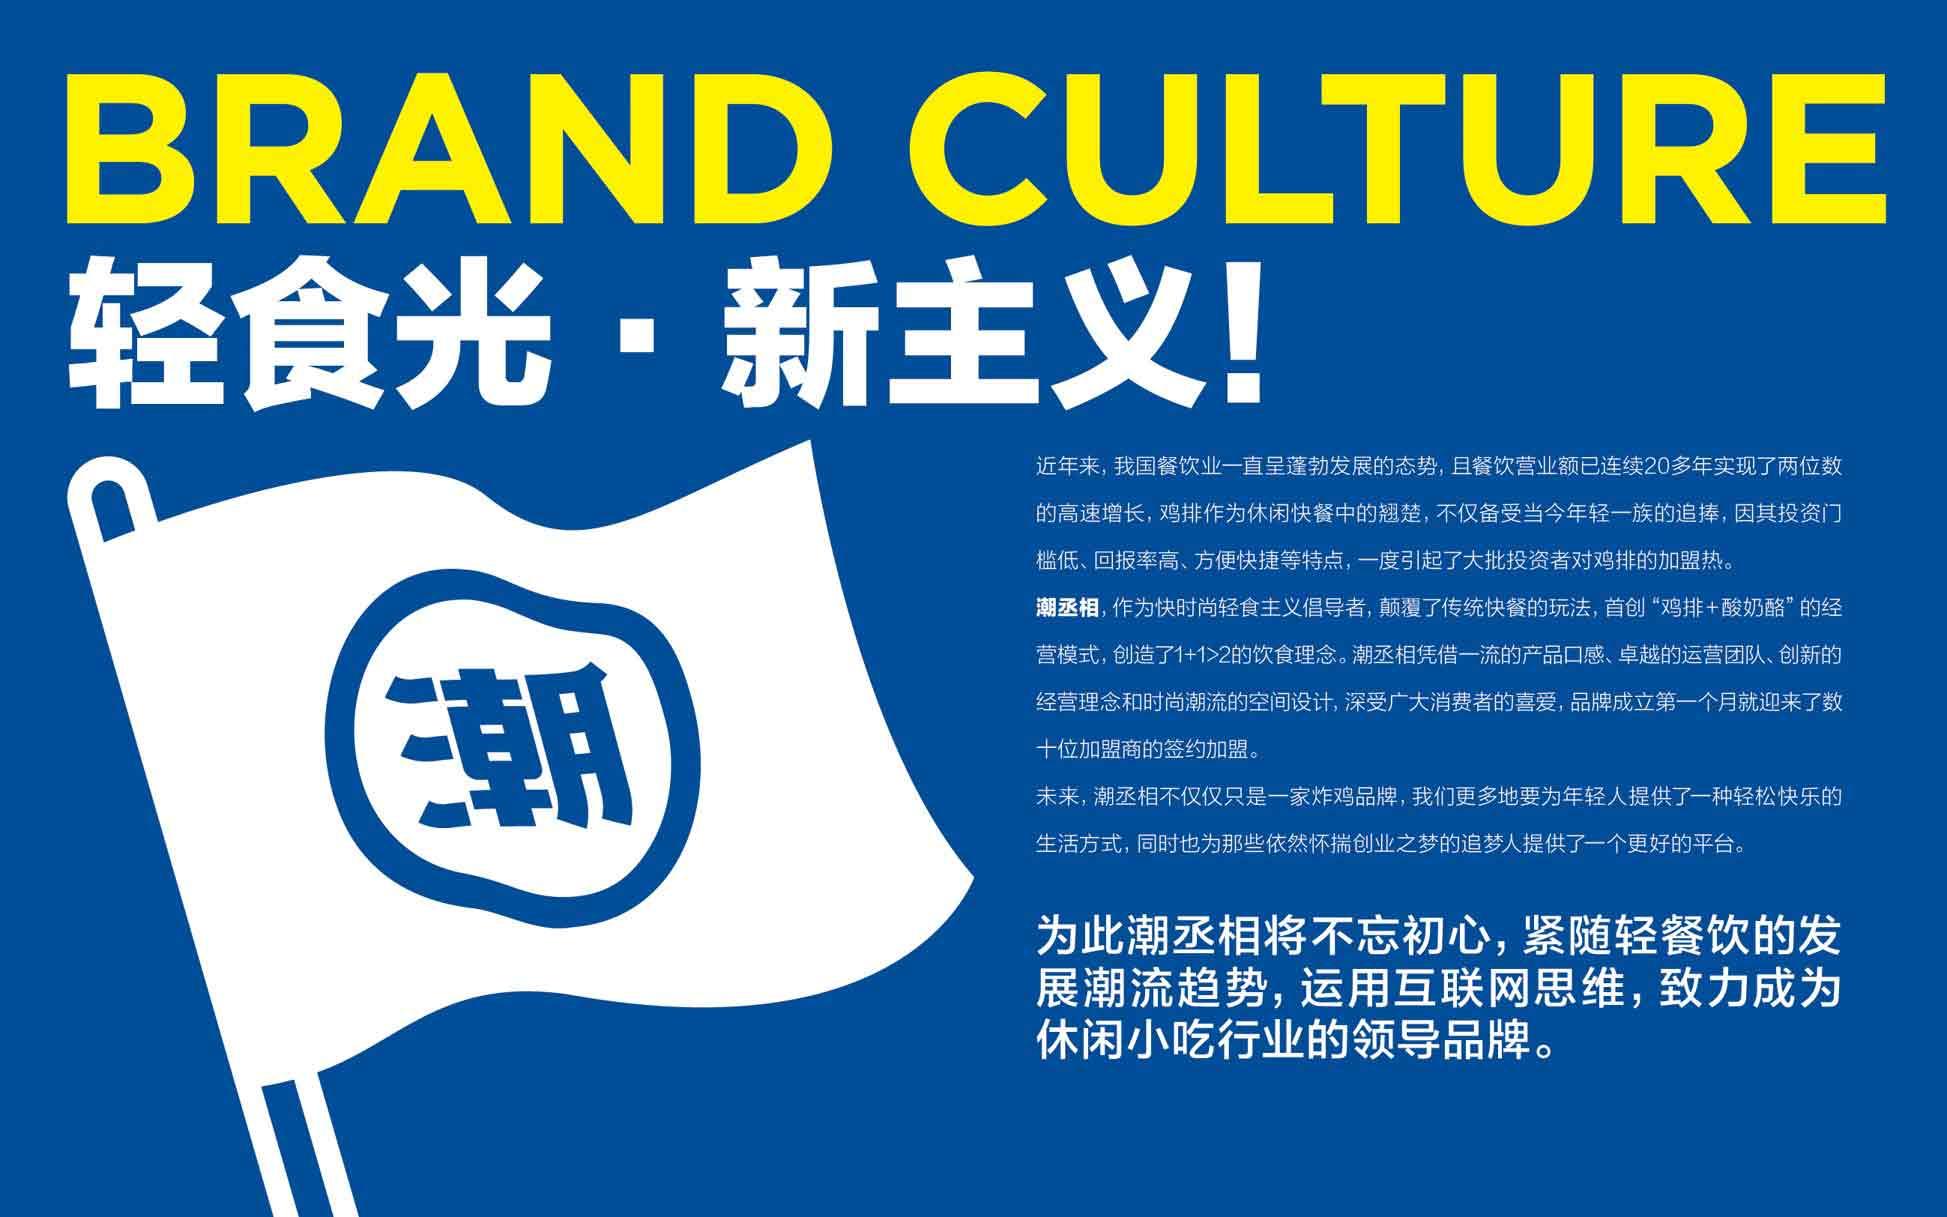 南京优质品牌策划公司,品牌策划